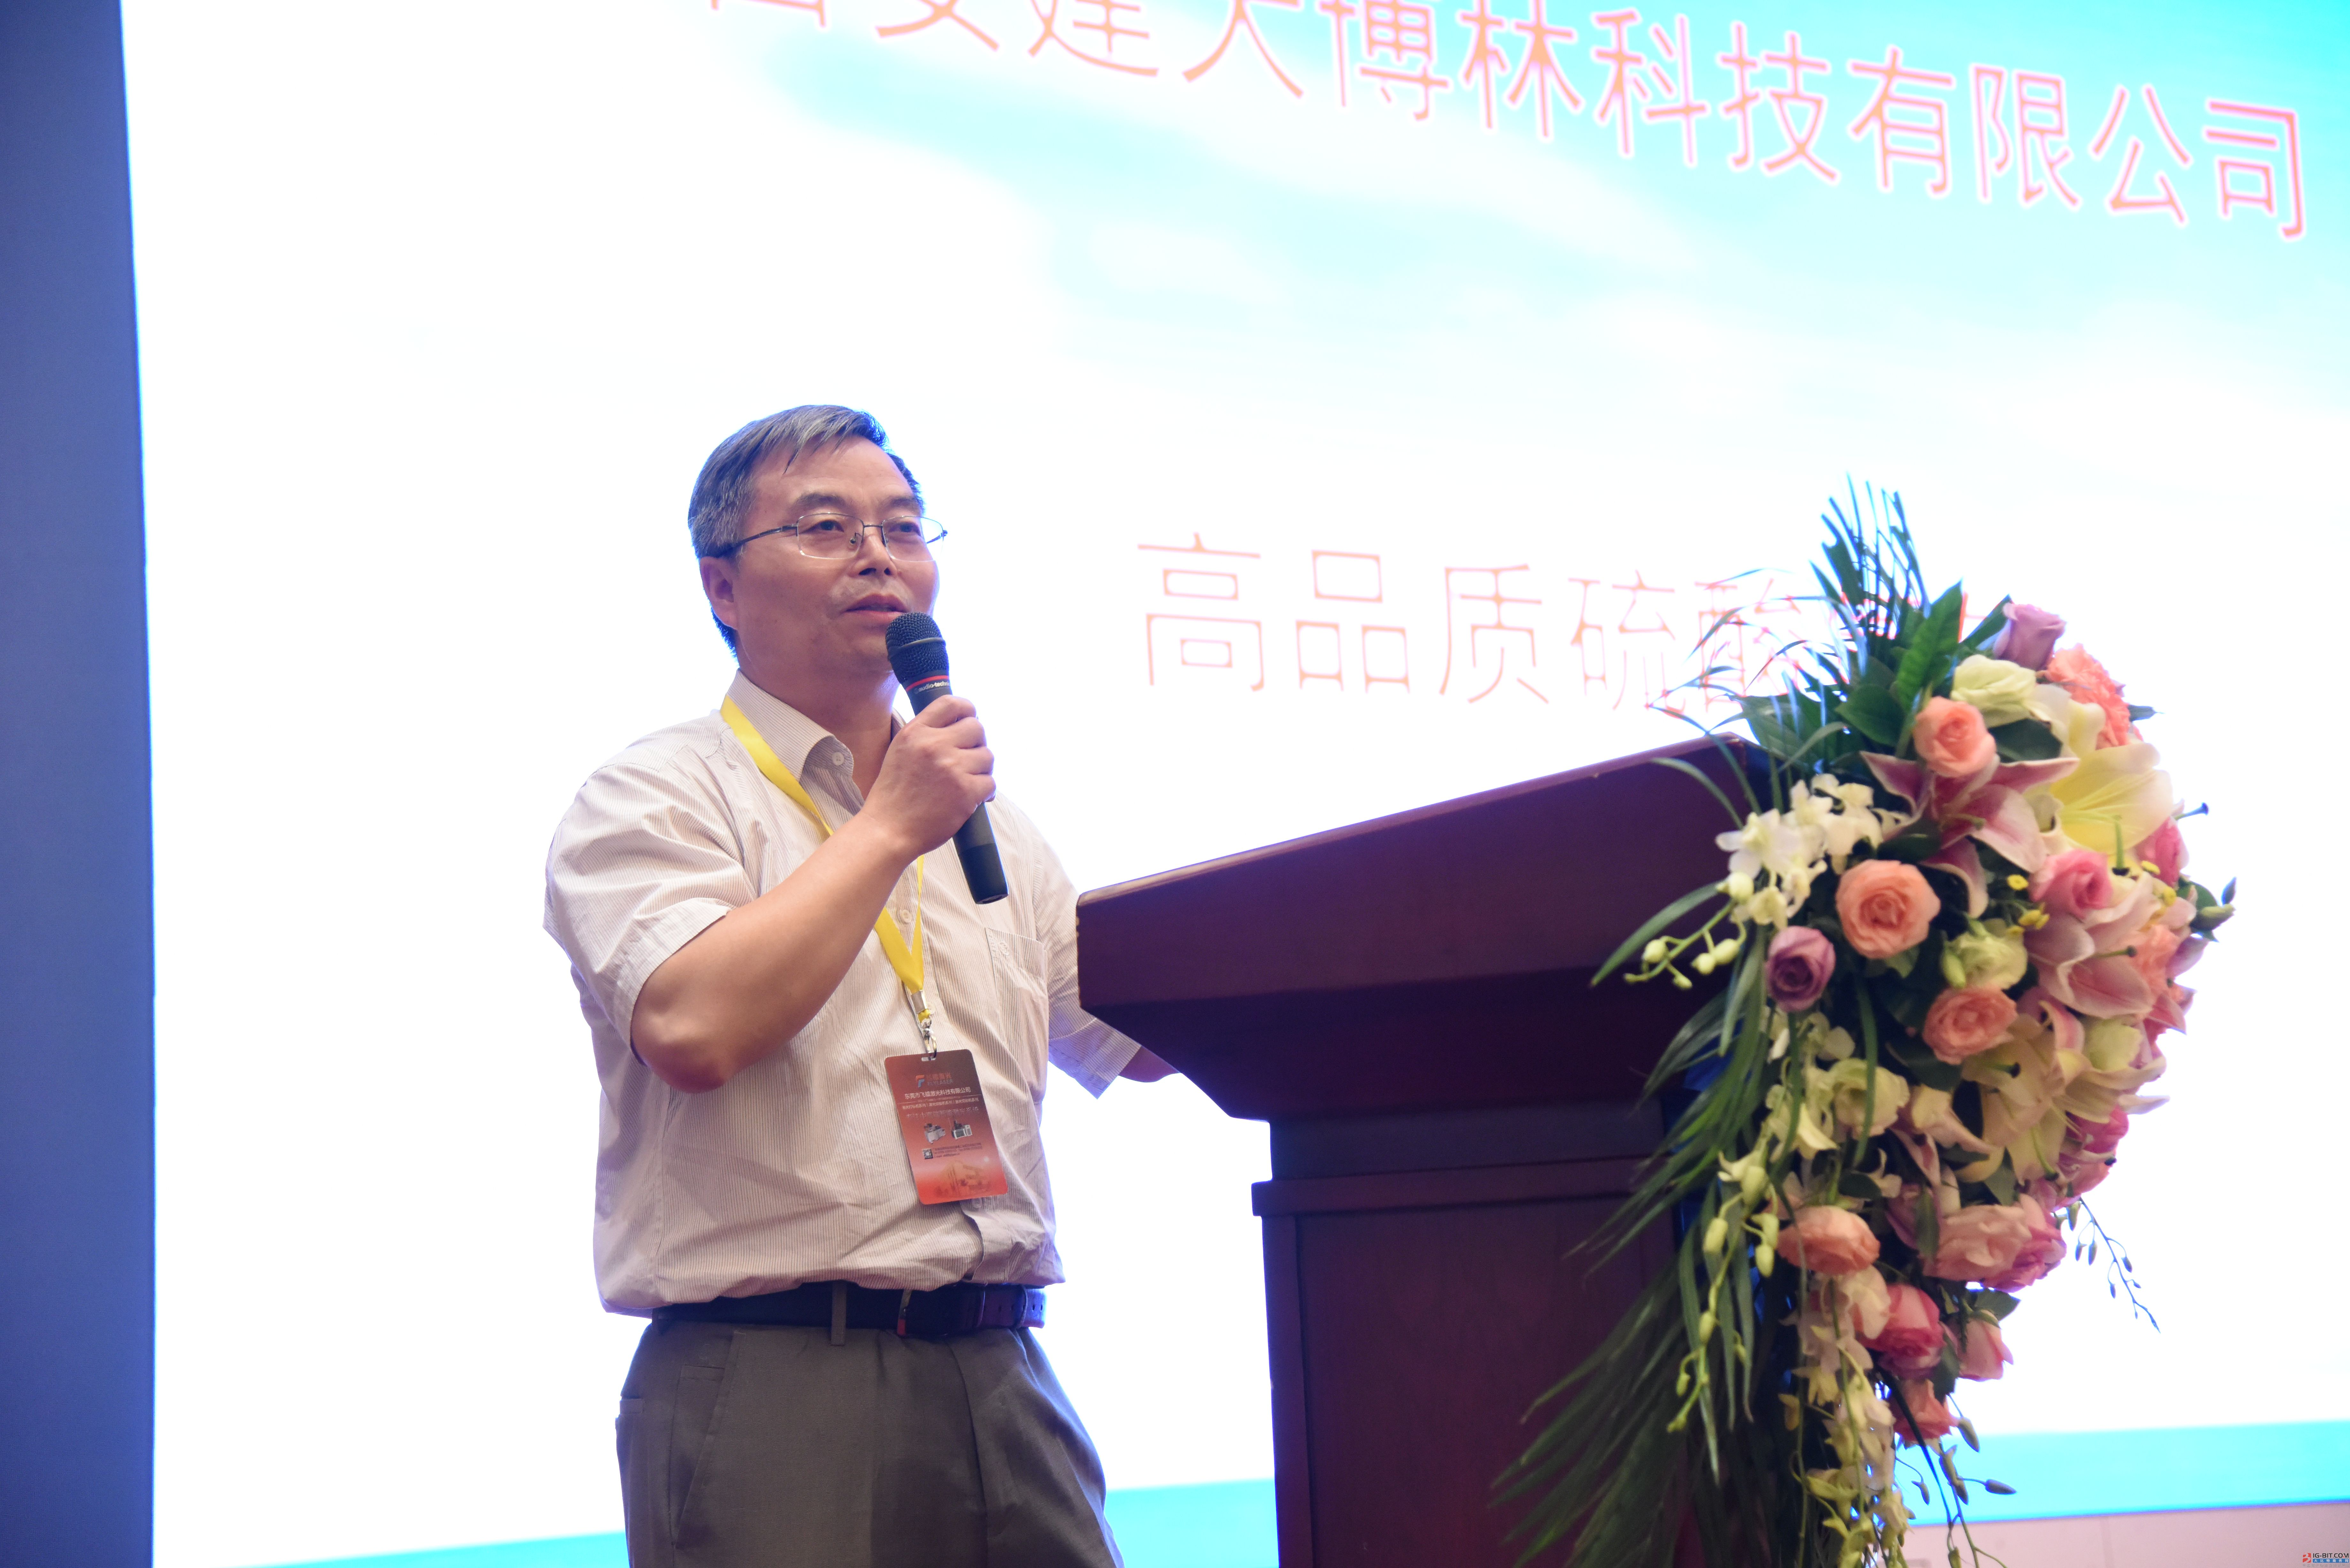 高纯度硫酸氨钯提升连接器的成本、可靠性和环保优势